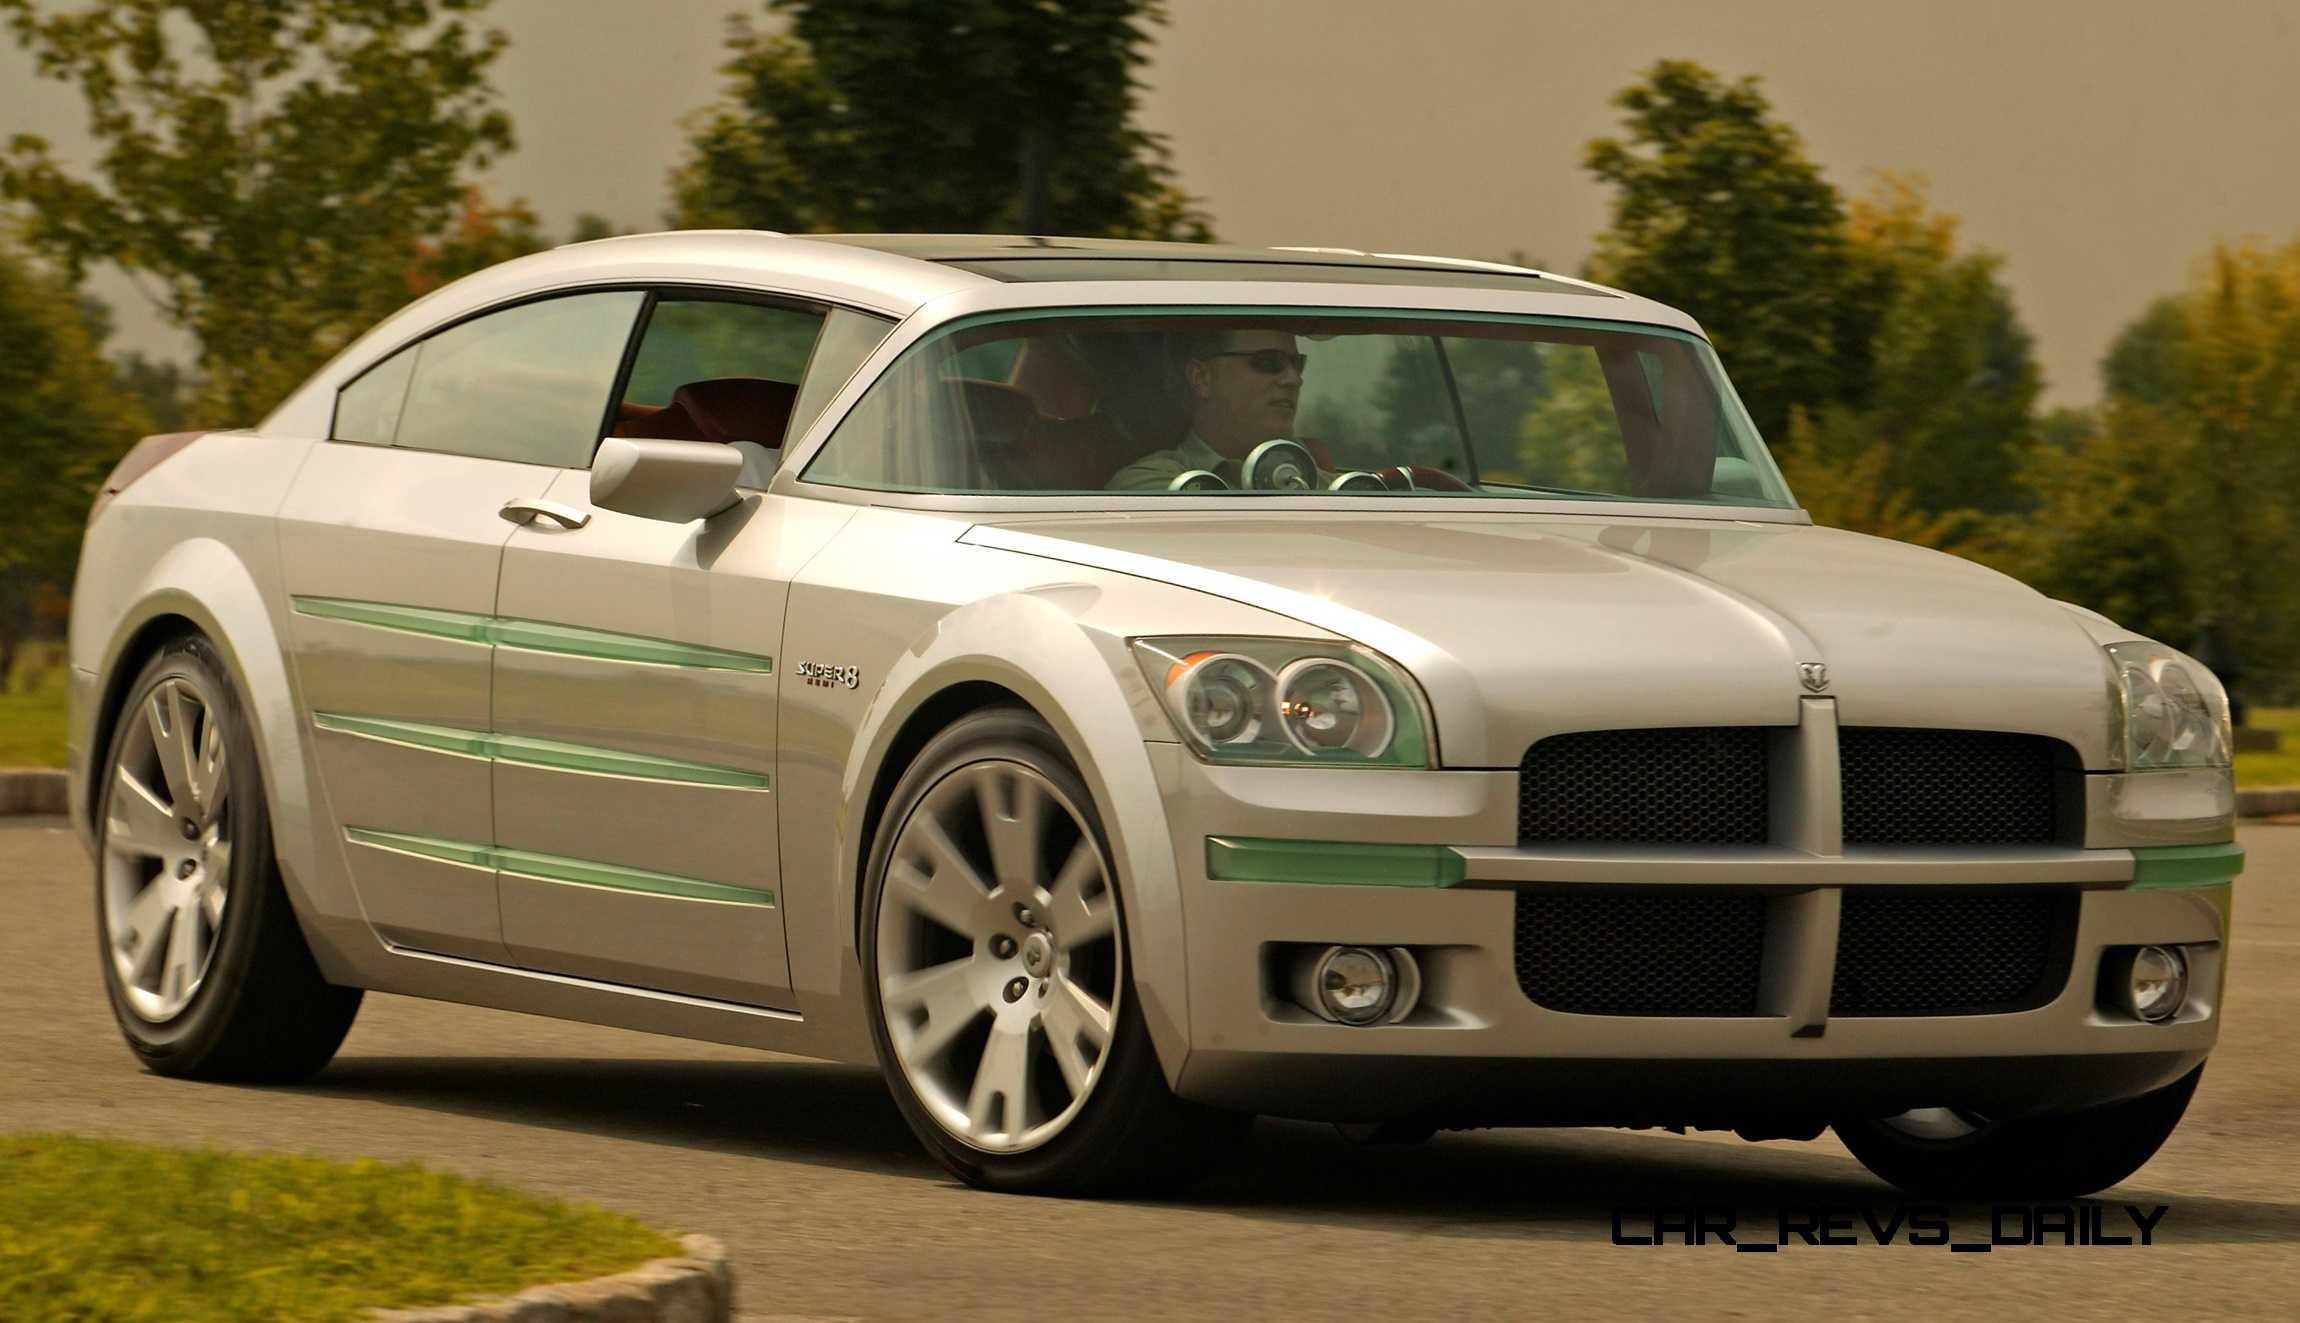 2001 Dodge Super8 HEMI